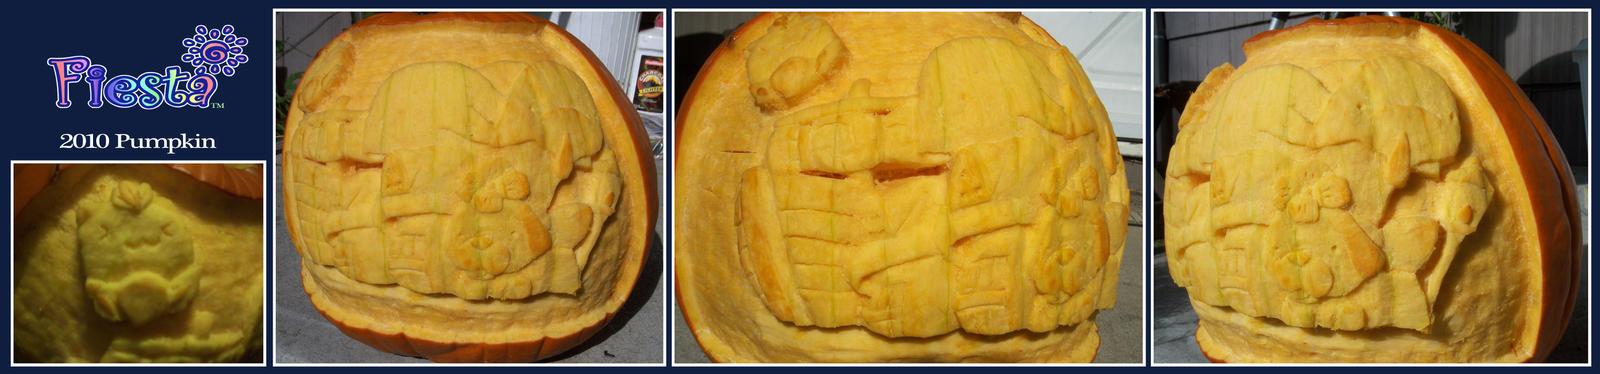 2010 Fiesta Pumpkin by Avaly